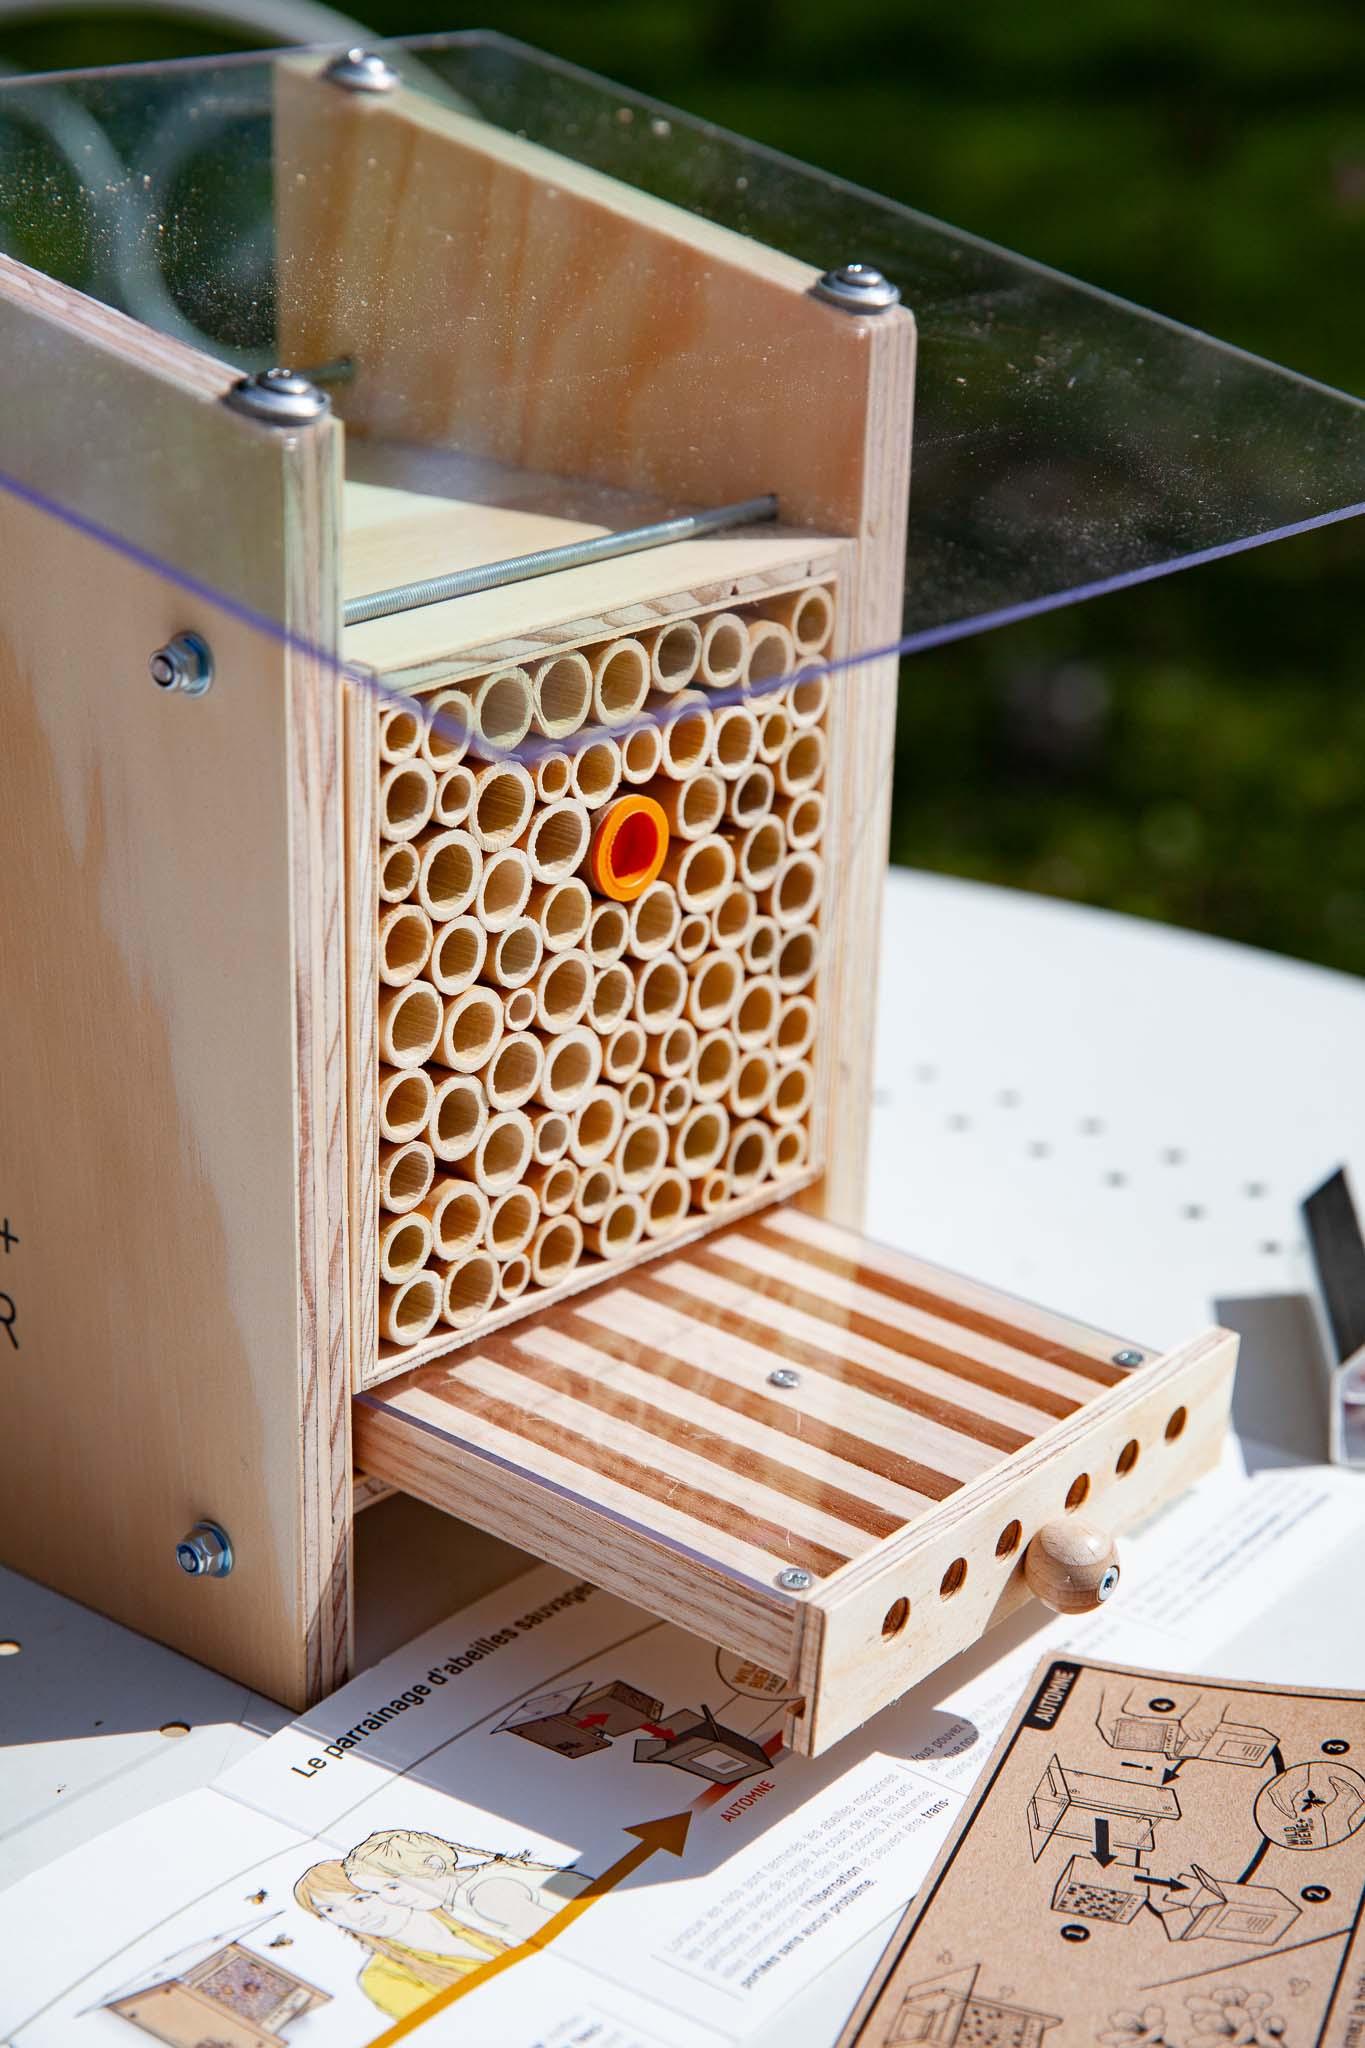 BeeHome avec son tiroir d'observation, le tube pas encore ouvert (opercule orange) et qui contient les cocons de ta génération d'abeilles sauvages maçonnes